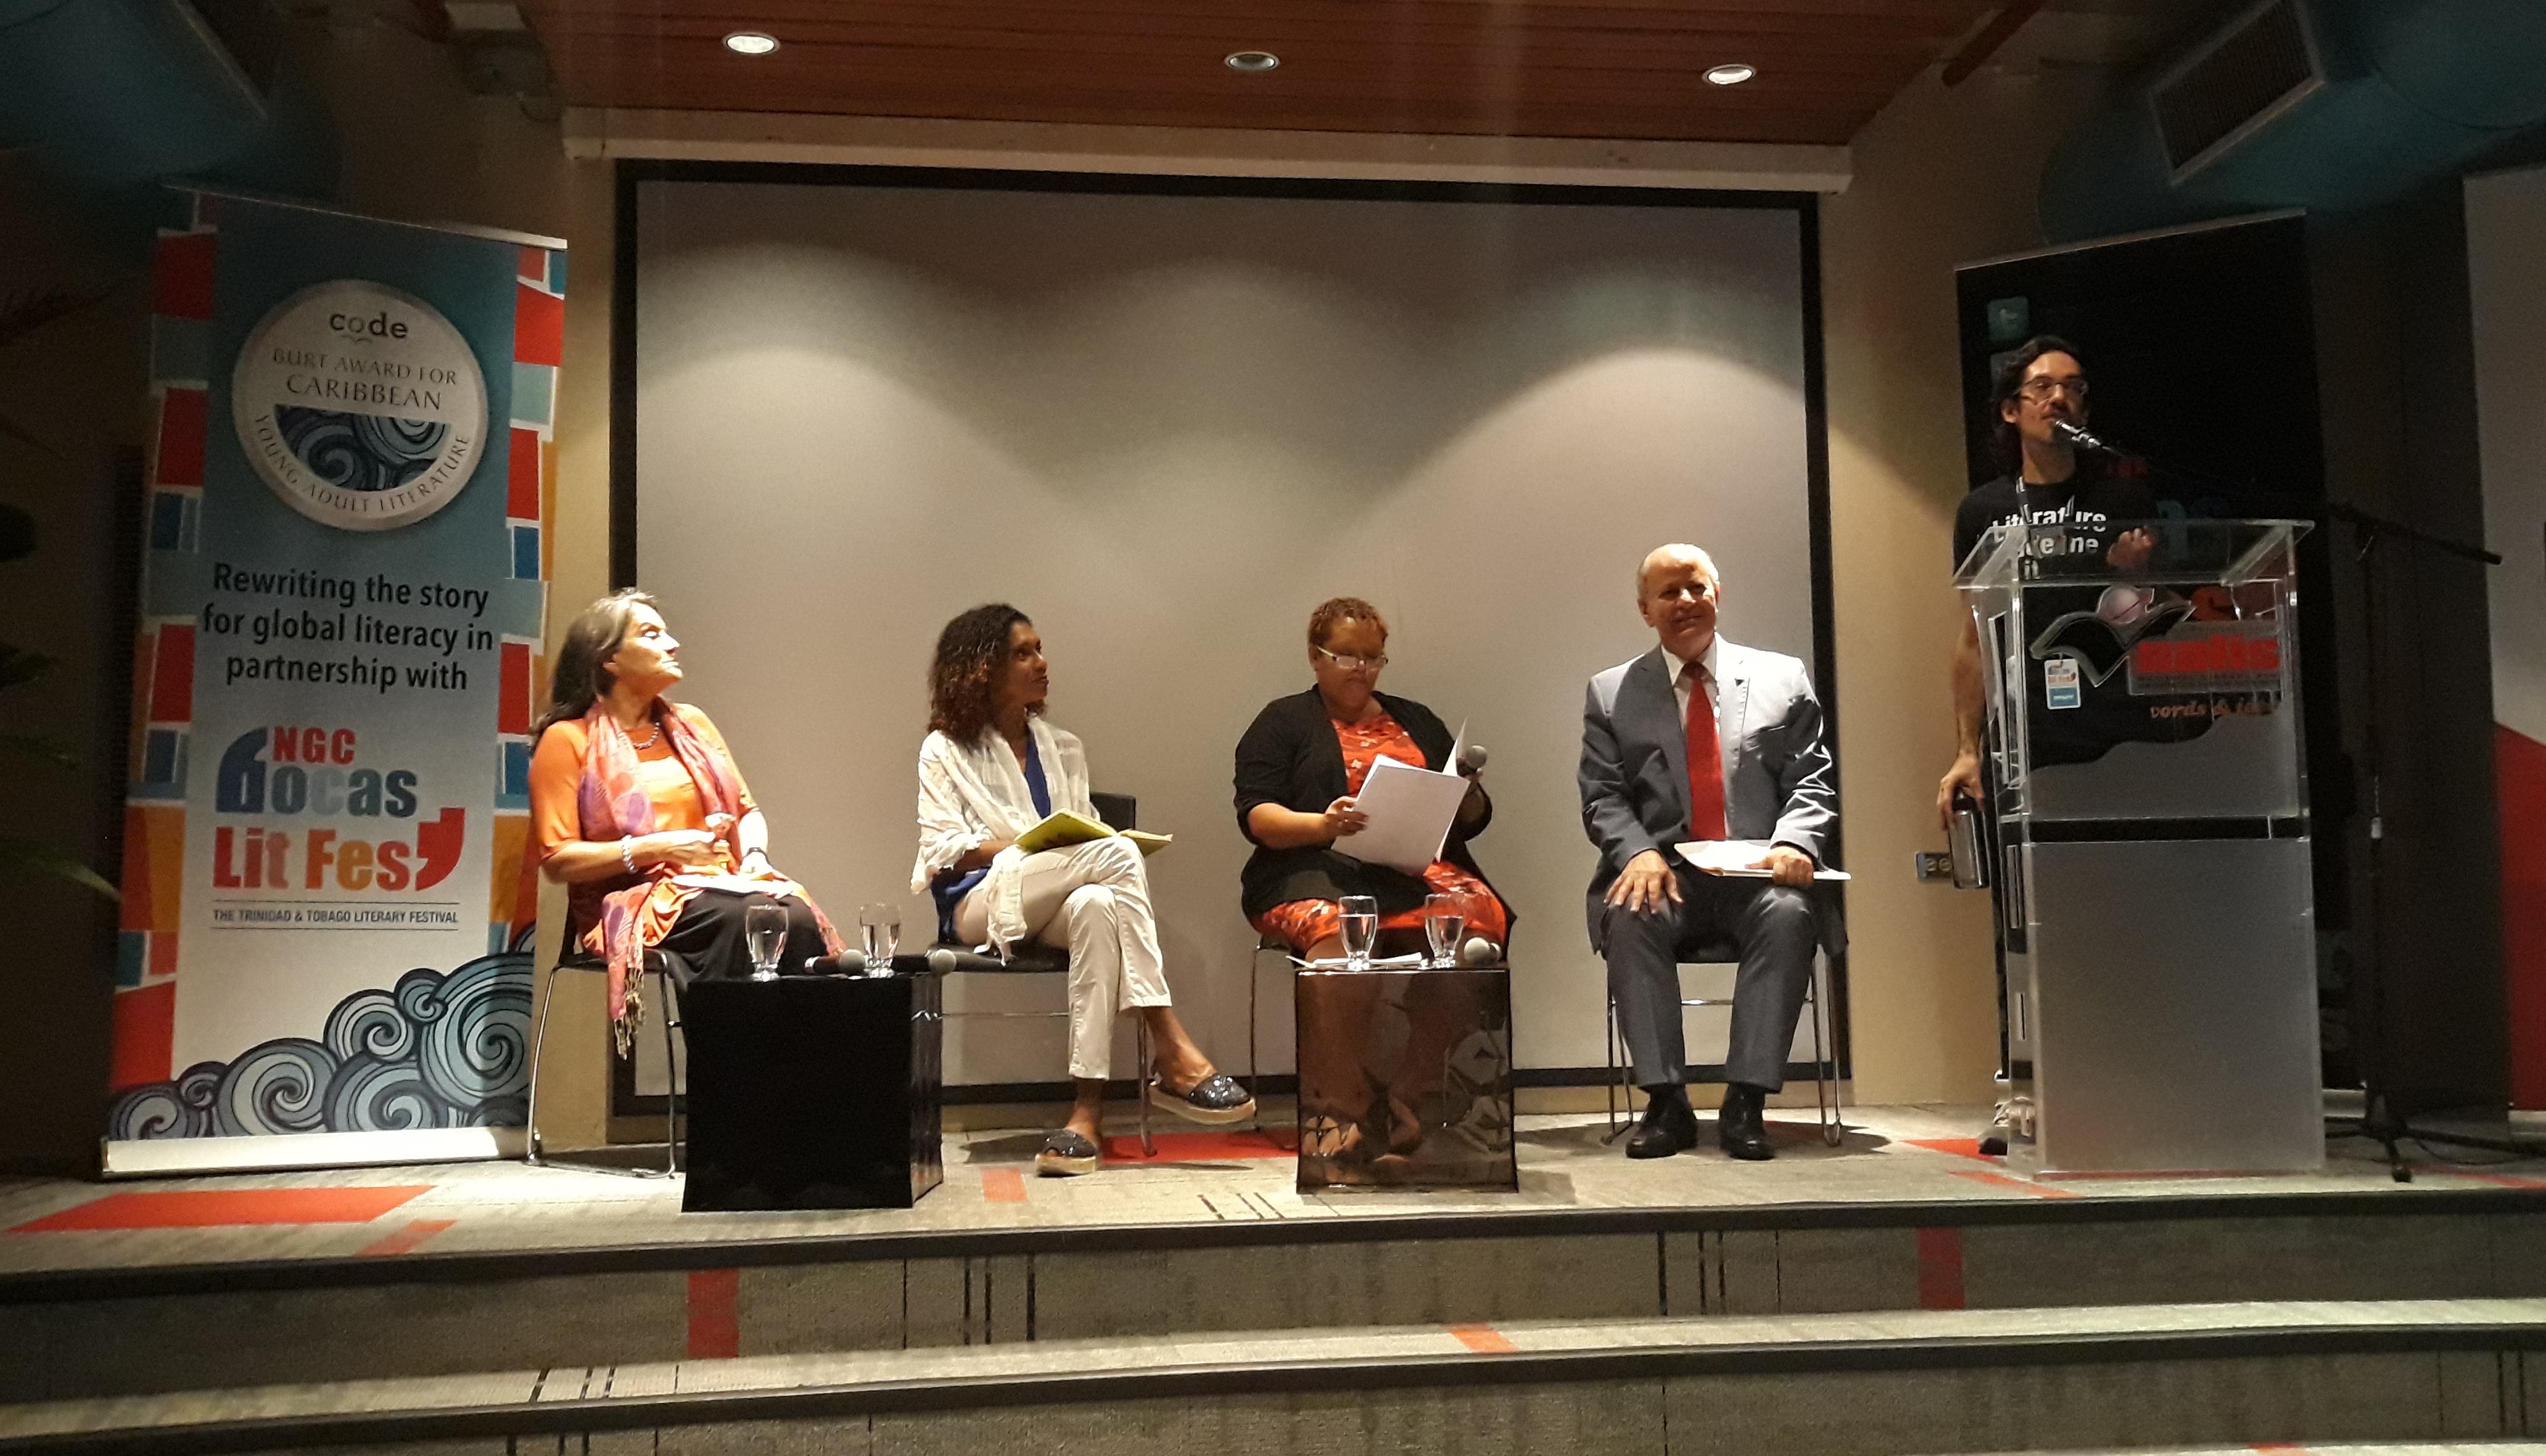 RD participa en el Festival de Literatura en Trinidad y Tobago